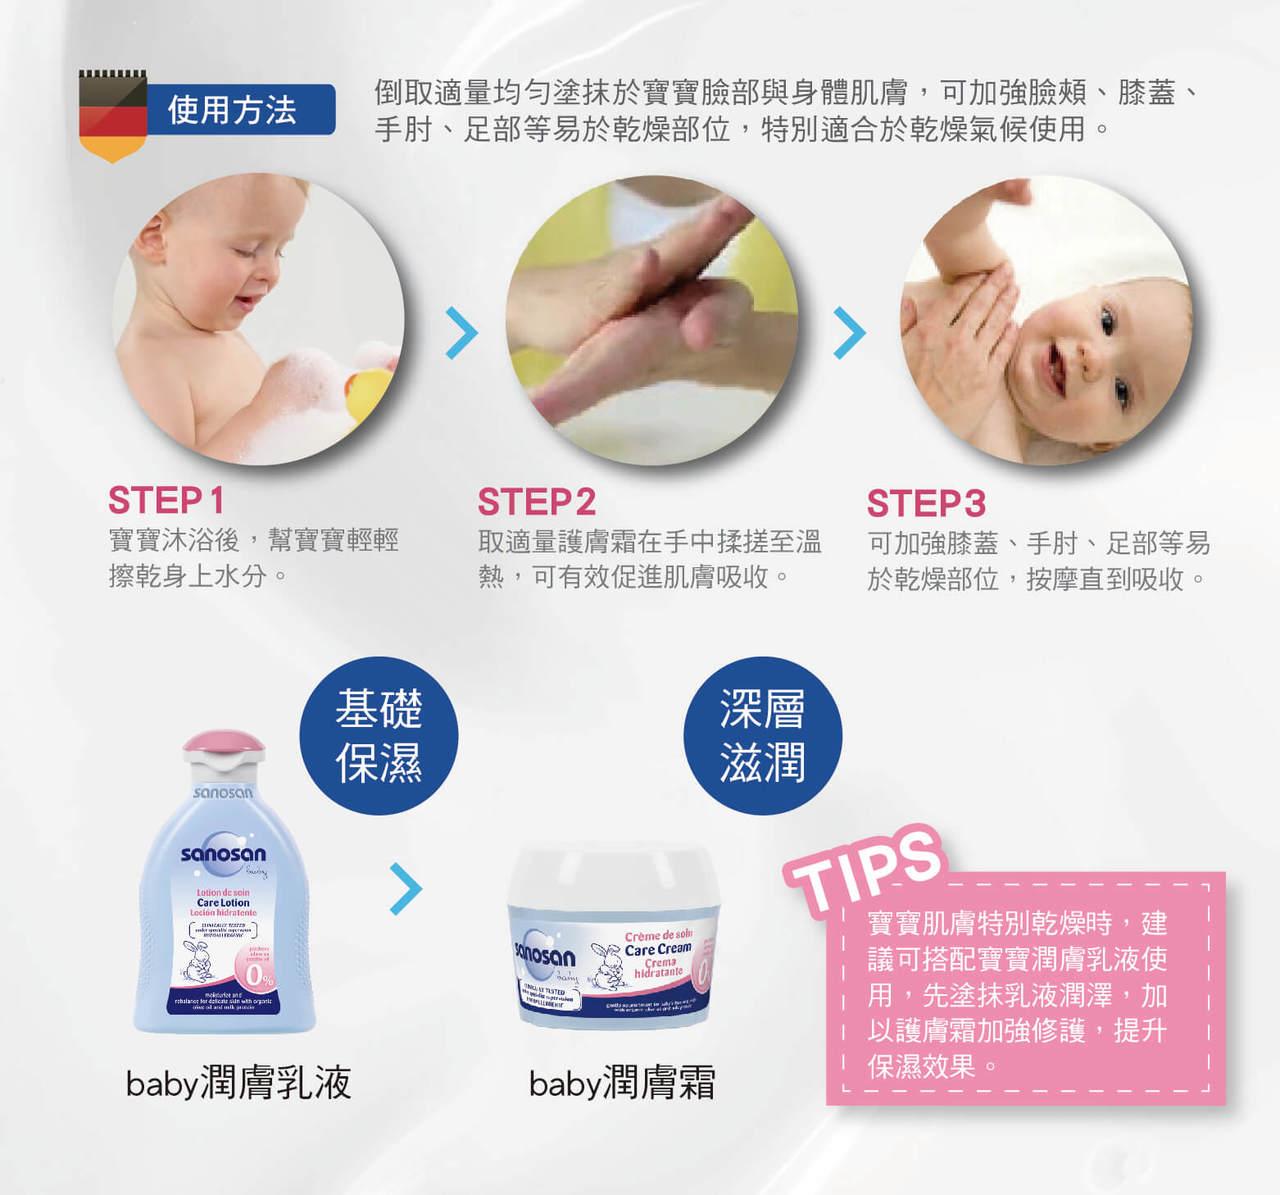 嬰兒臉部很容易出現紅蘋果、粗糙不舒服?珊諾baby潤膚霜,比日常新生兒乳液更加滋潤保濕,可鞏固肌膚保護膜,常保水嫩健康,讓寶寶遠離紅蘋果臉